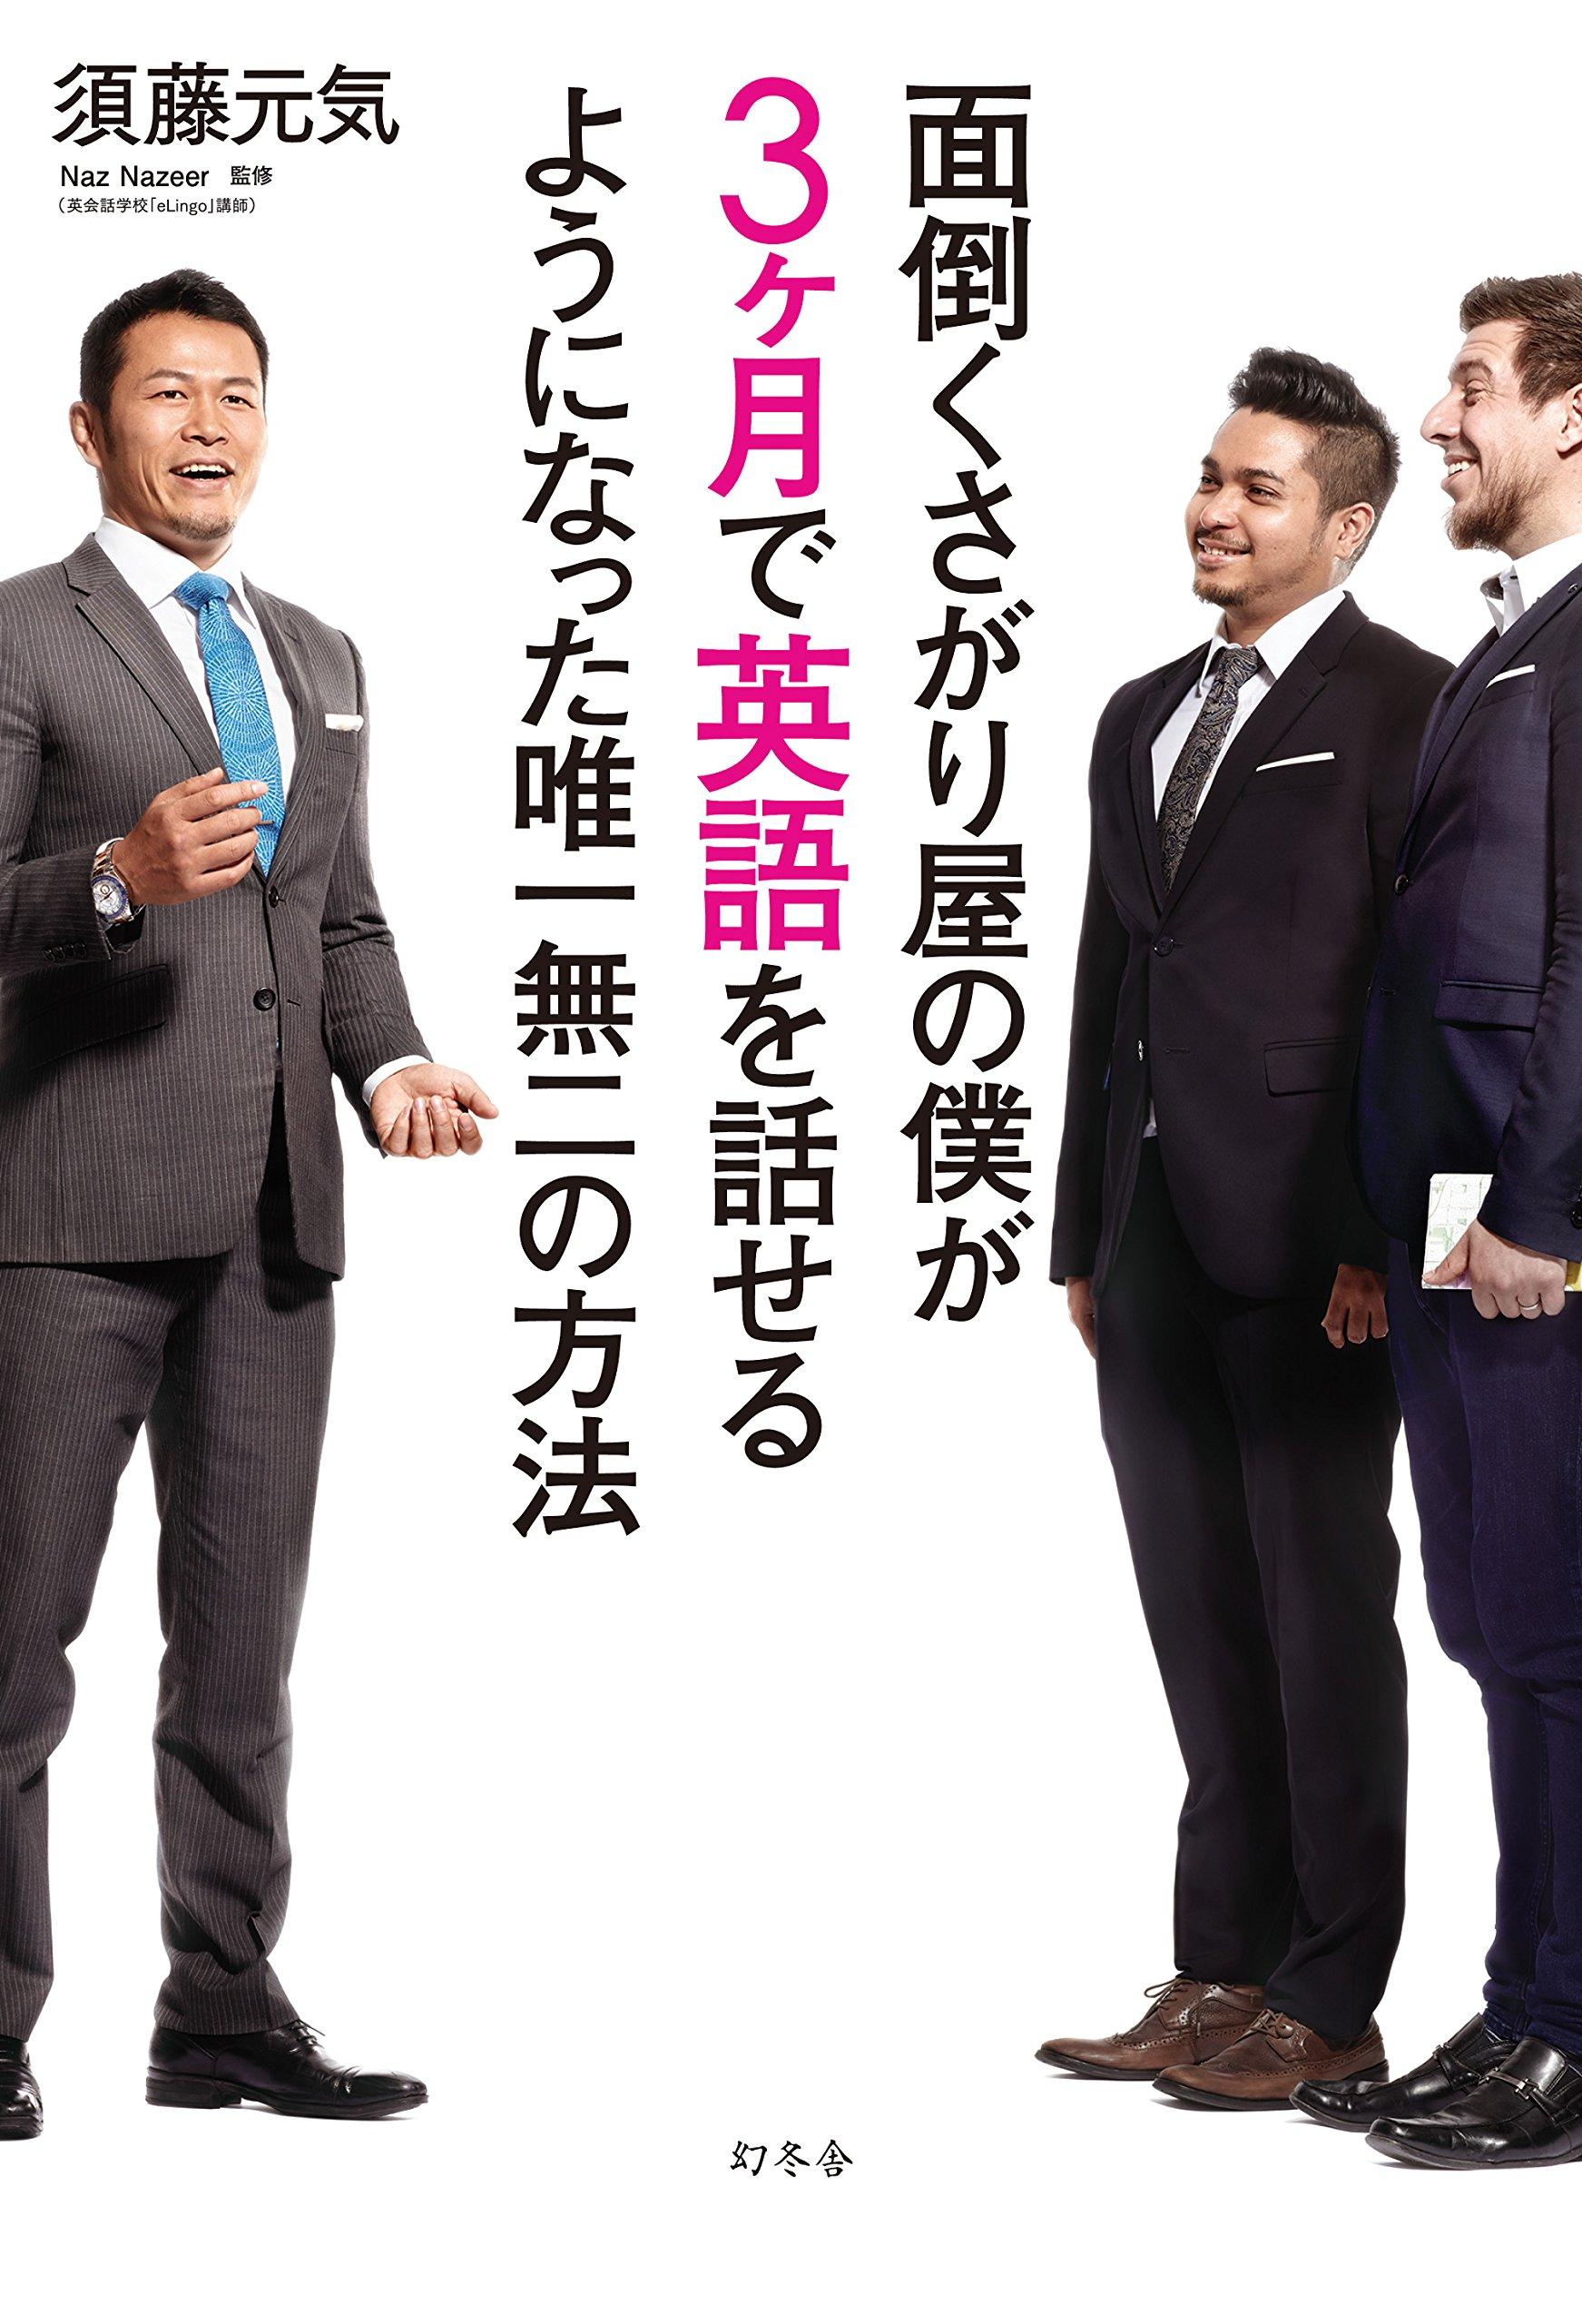 面倒くさがり屋の僕が3ヶ月で英語を話せるようになった唯一無二の方法 須藤 元気  (著)